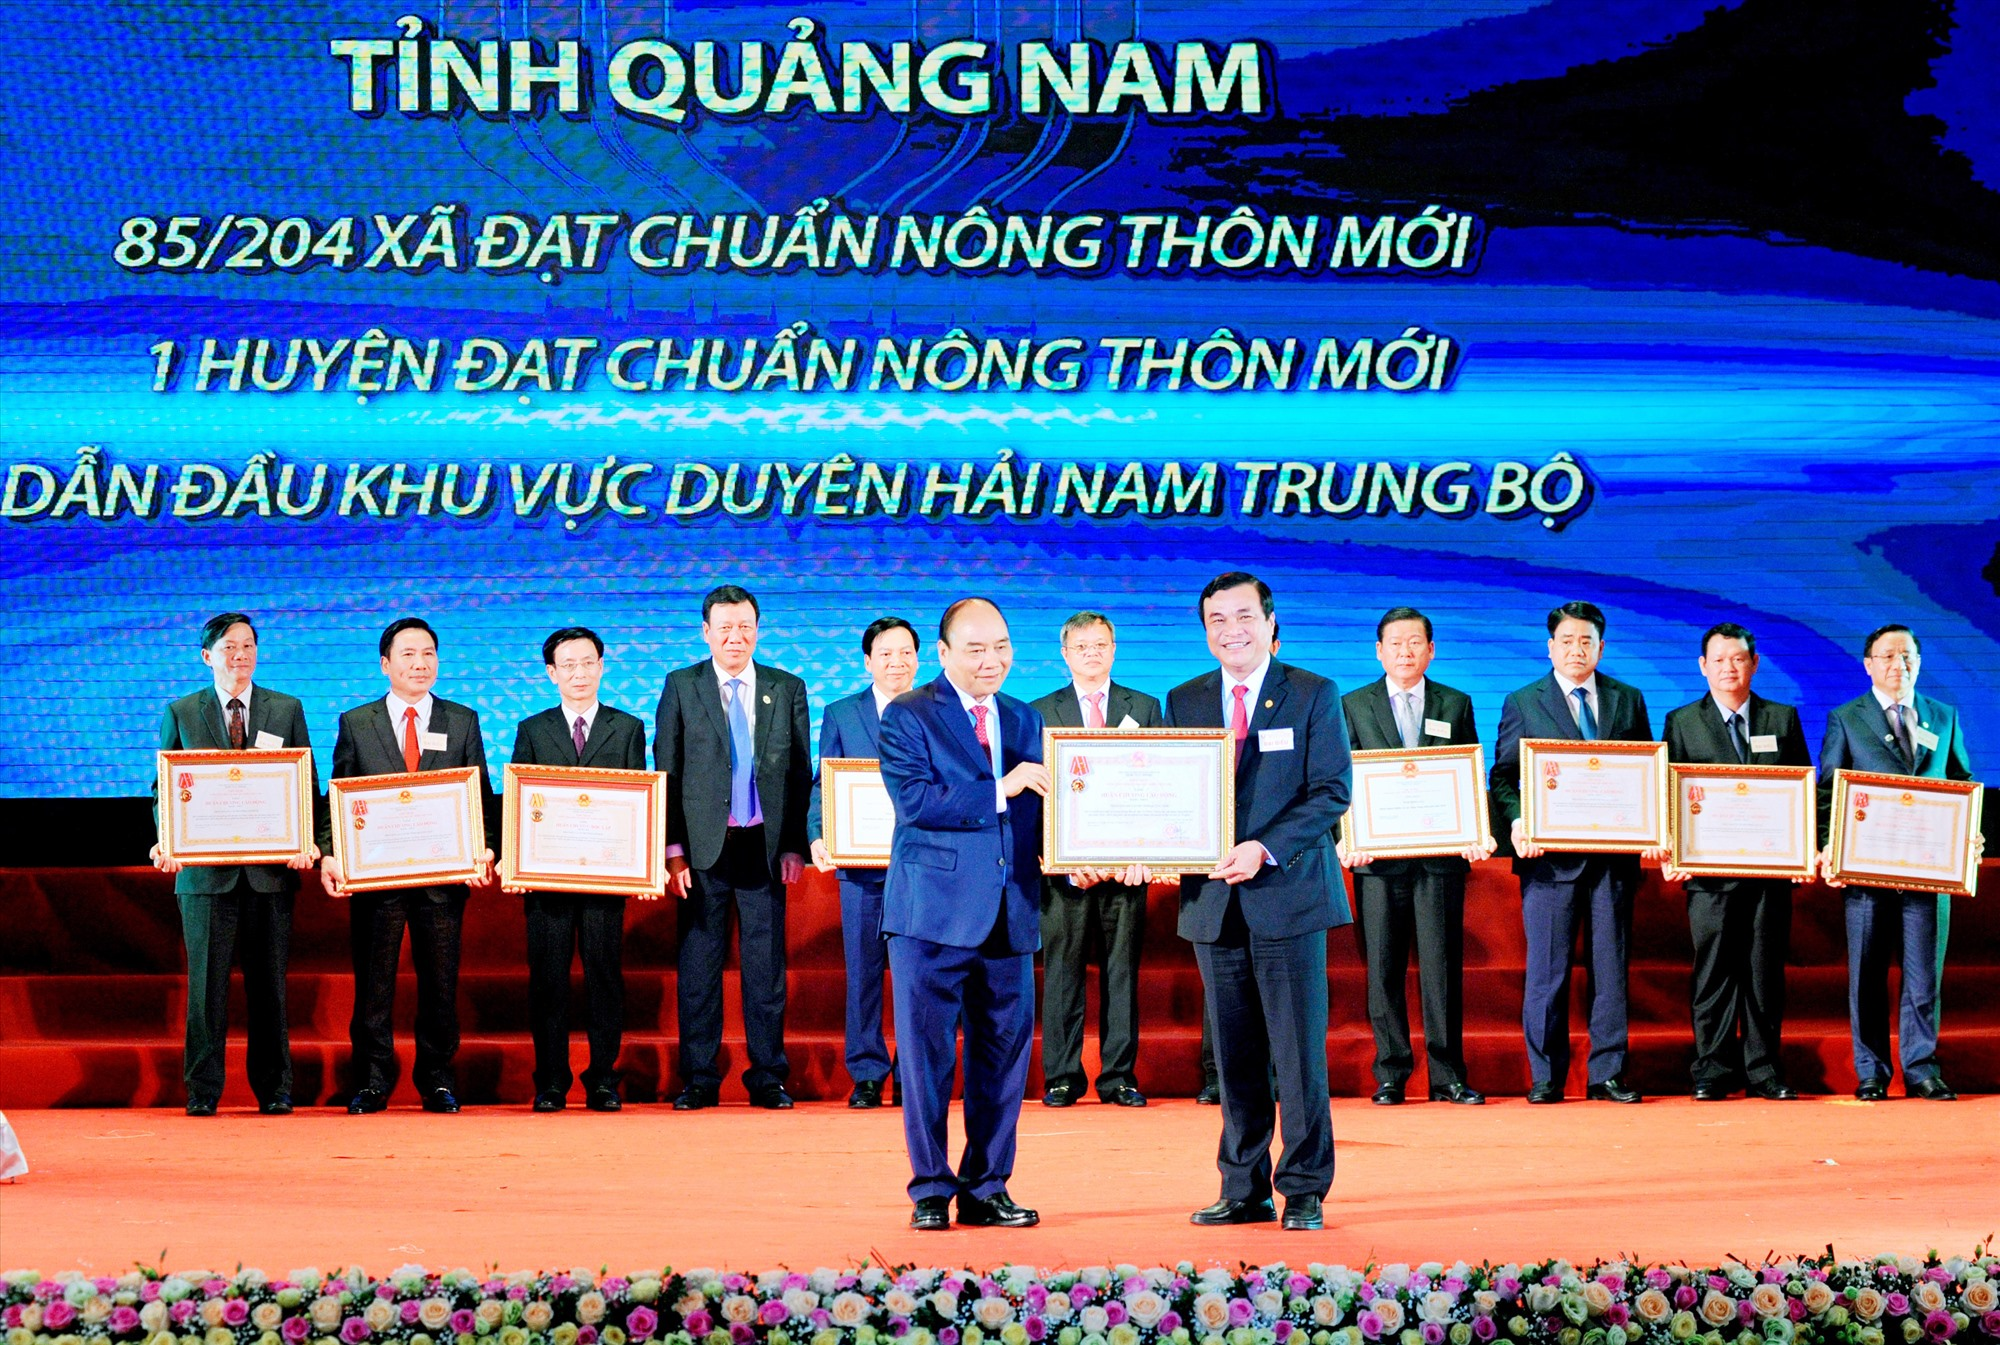 ĐẠI HỘI THI ĐUA YÊU NƯỚC TỈNH LẦN THỨ VIII (2020 - 2025): Vì mục tiêu phát triển Quảng Nam